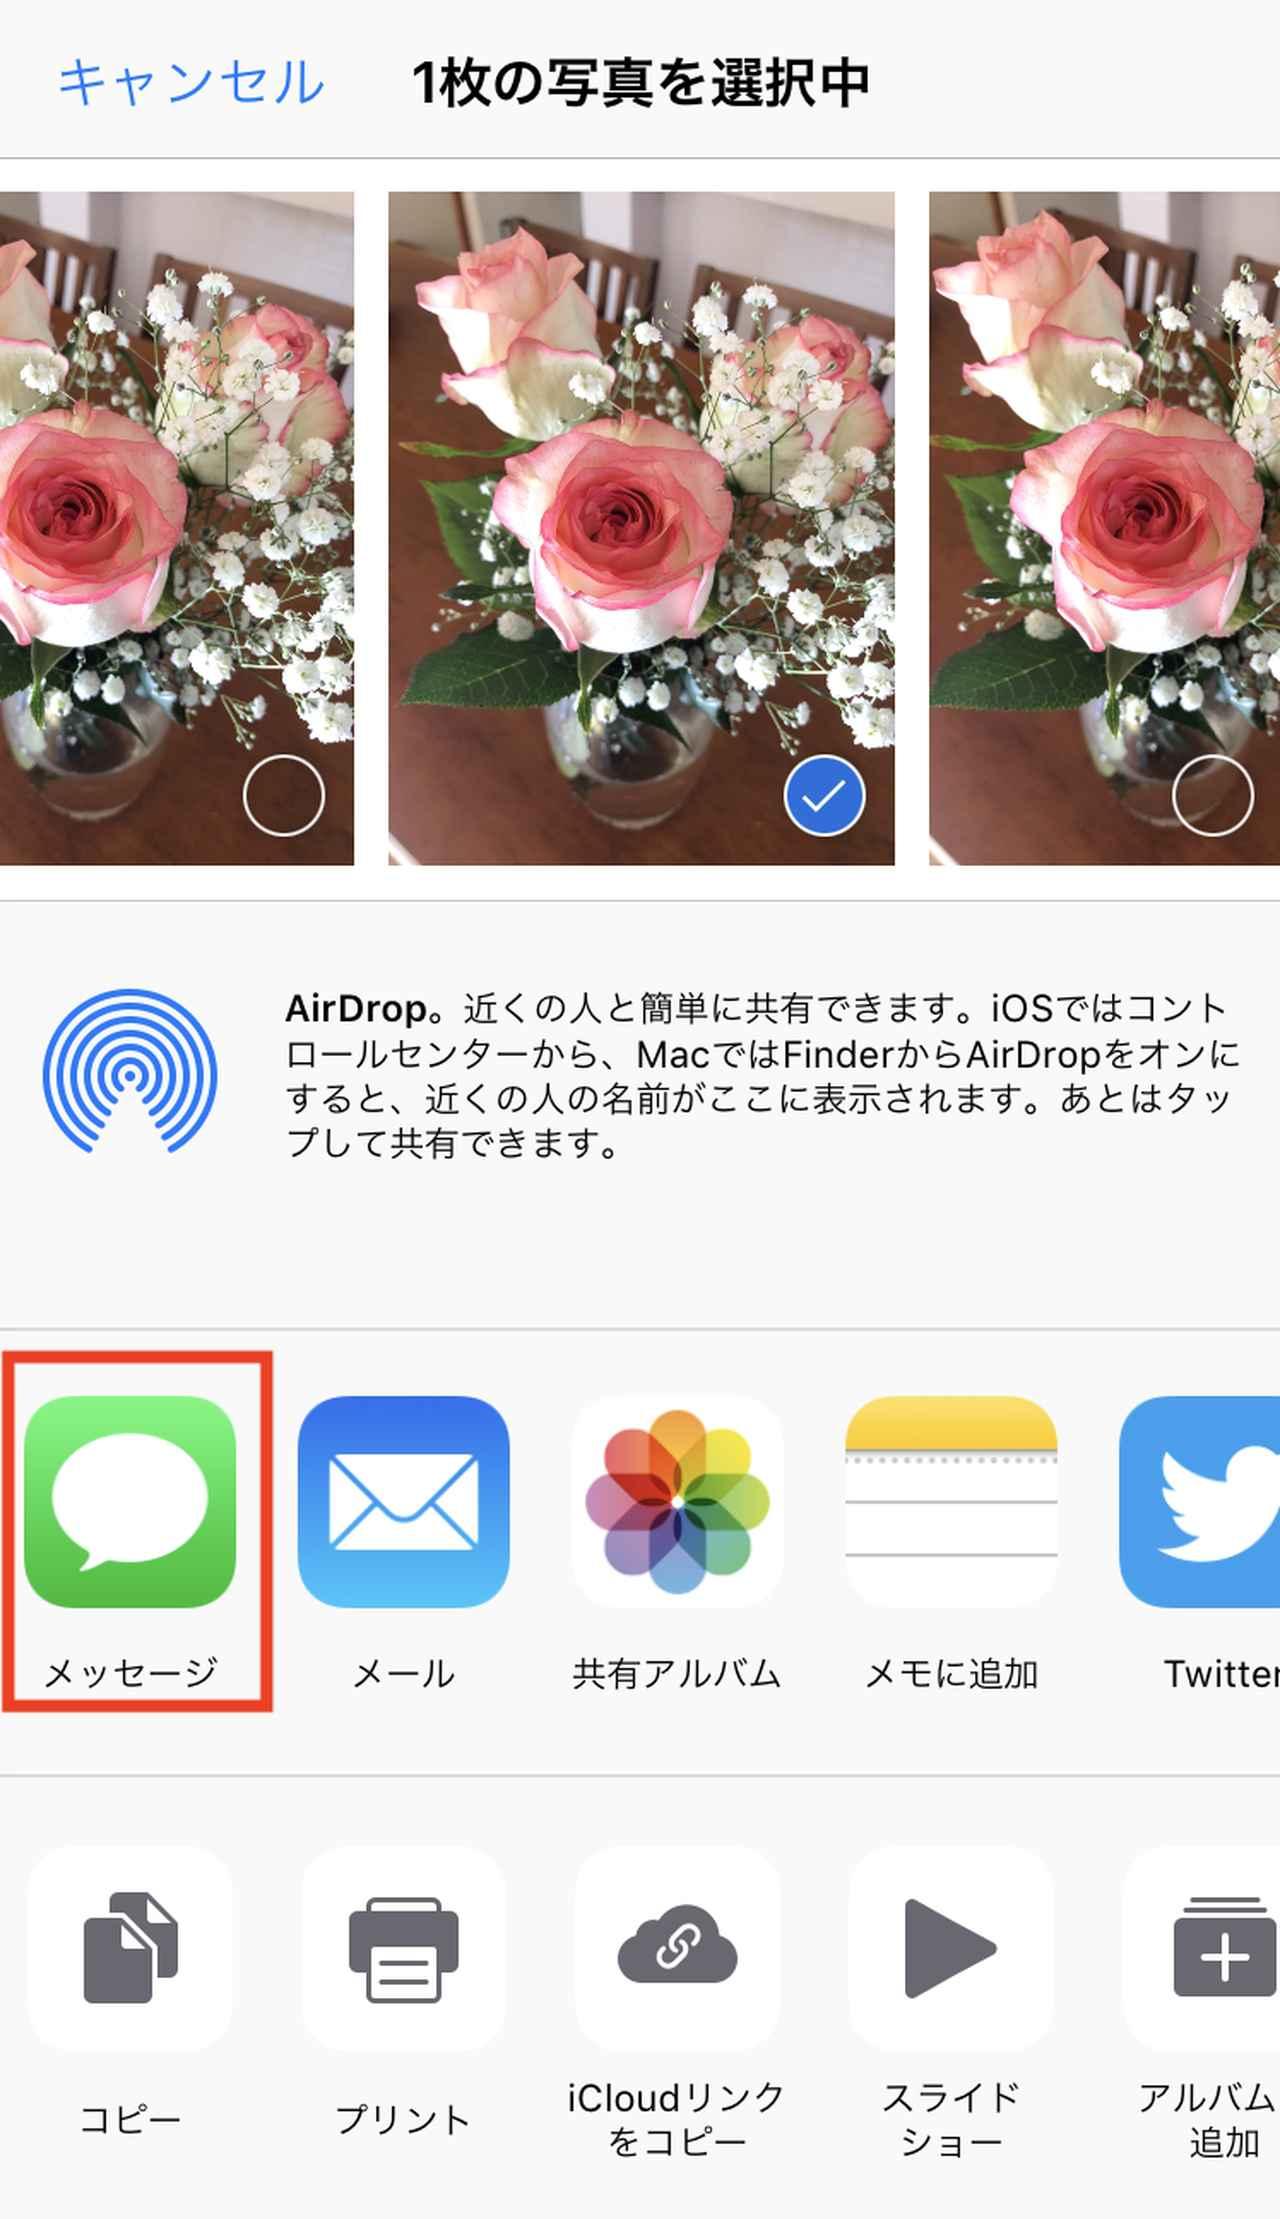 画像: 「メッセージ」で送る場合は、「メッセージ」をタッチします。